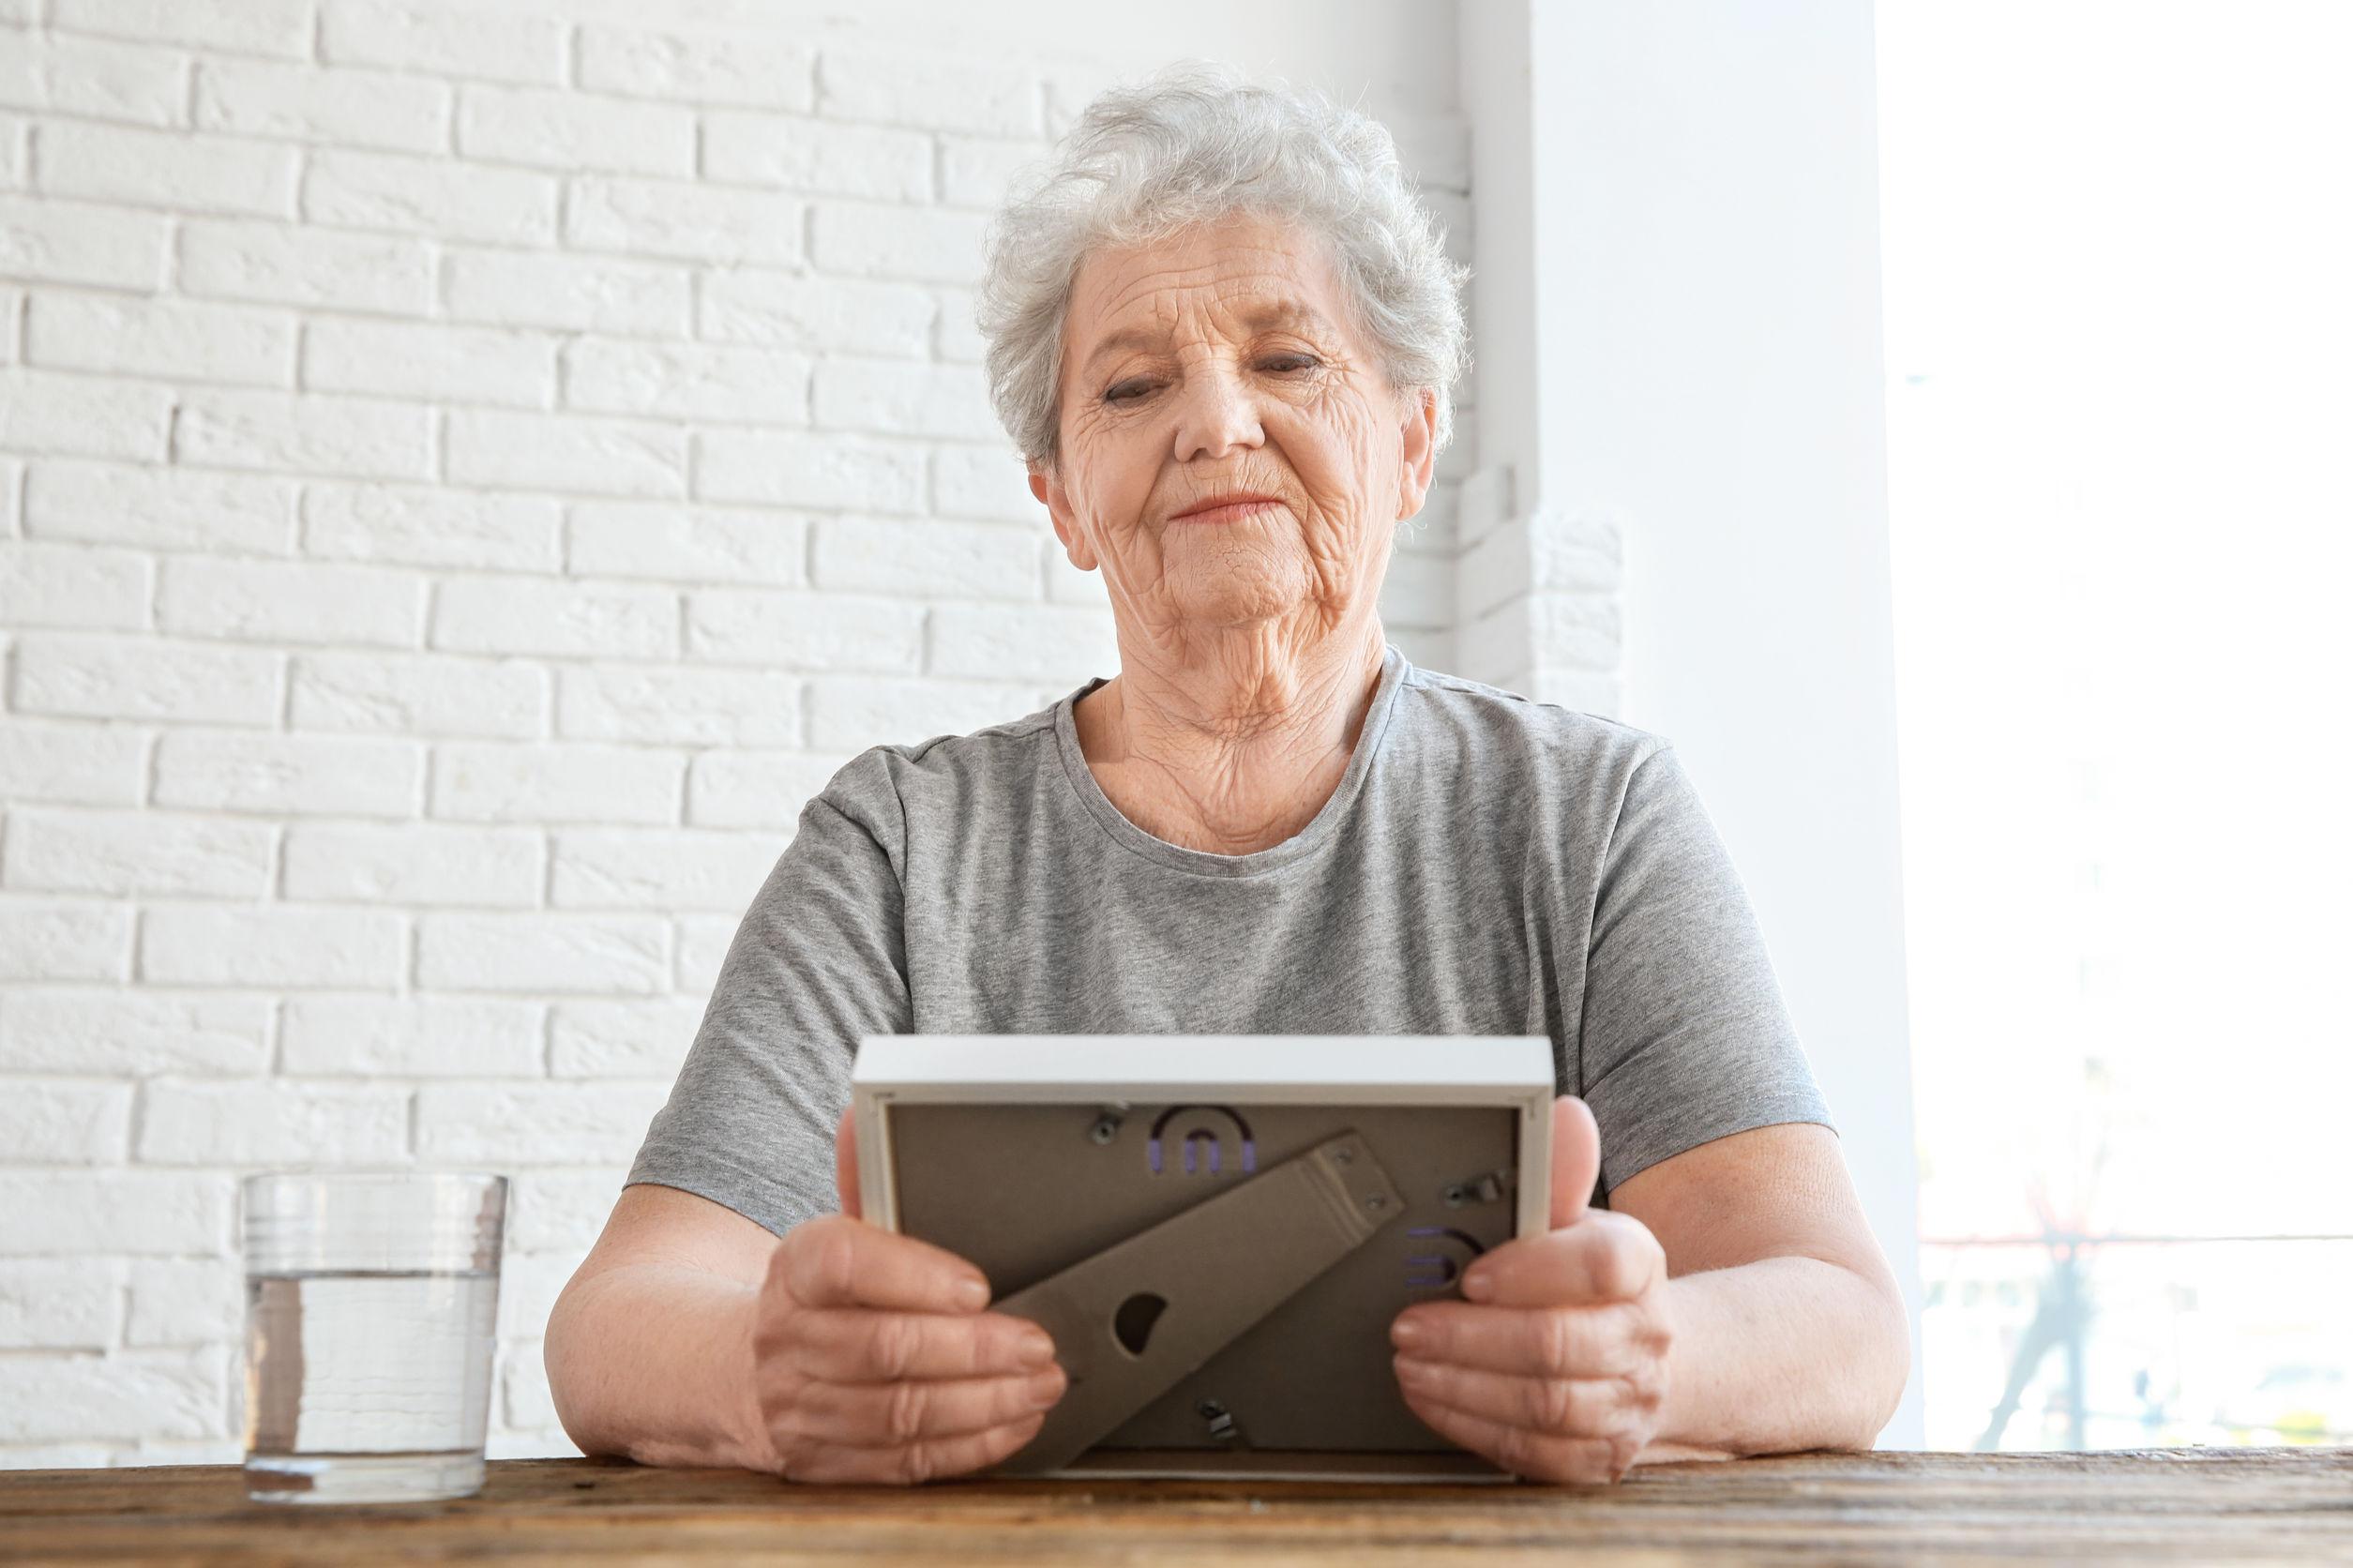 Mujer de la tercera edad sosteniendo un marco de fotos